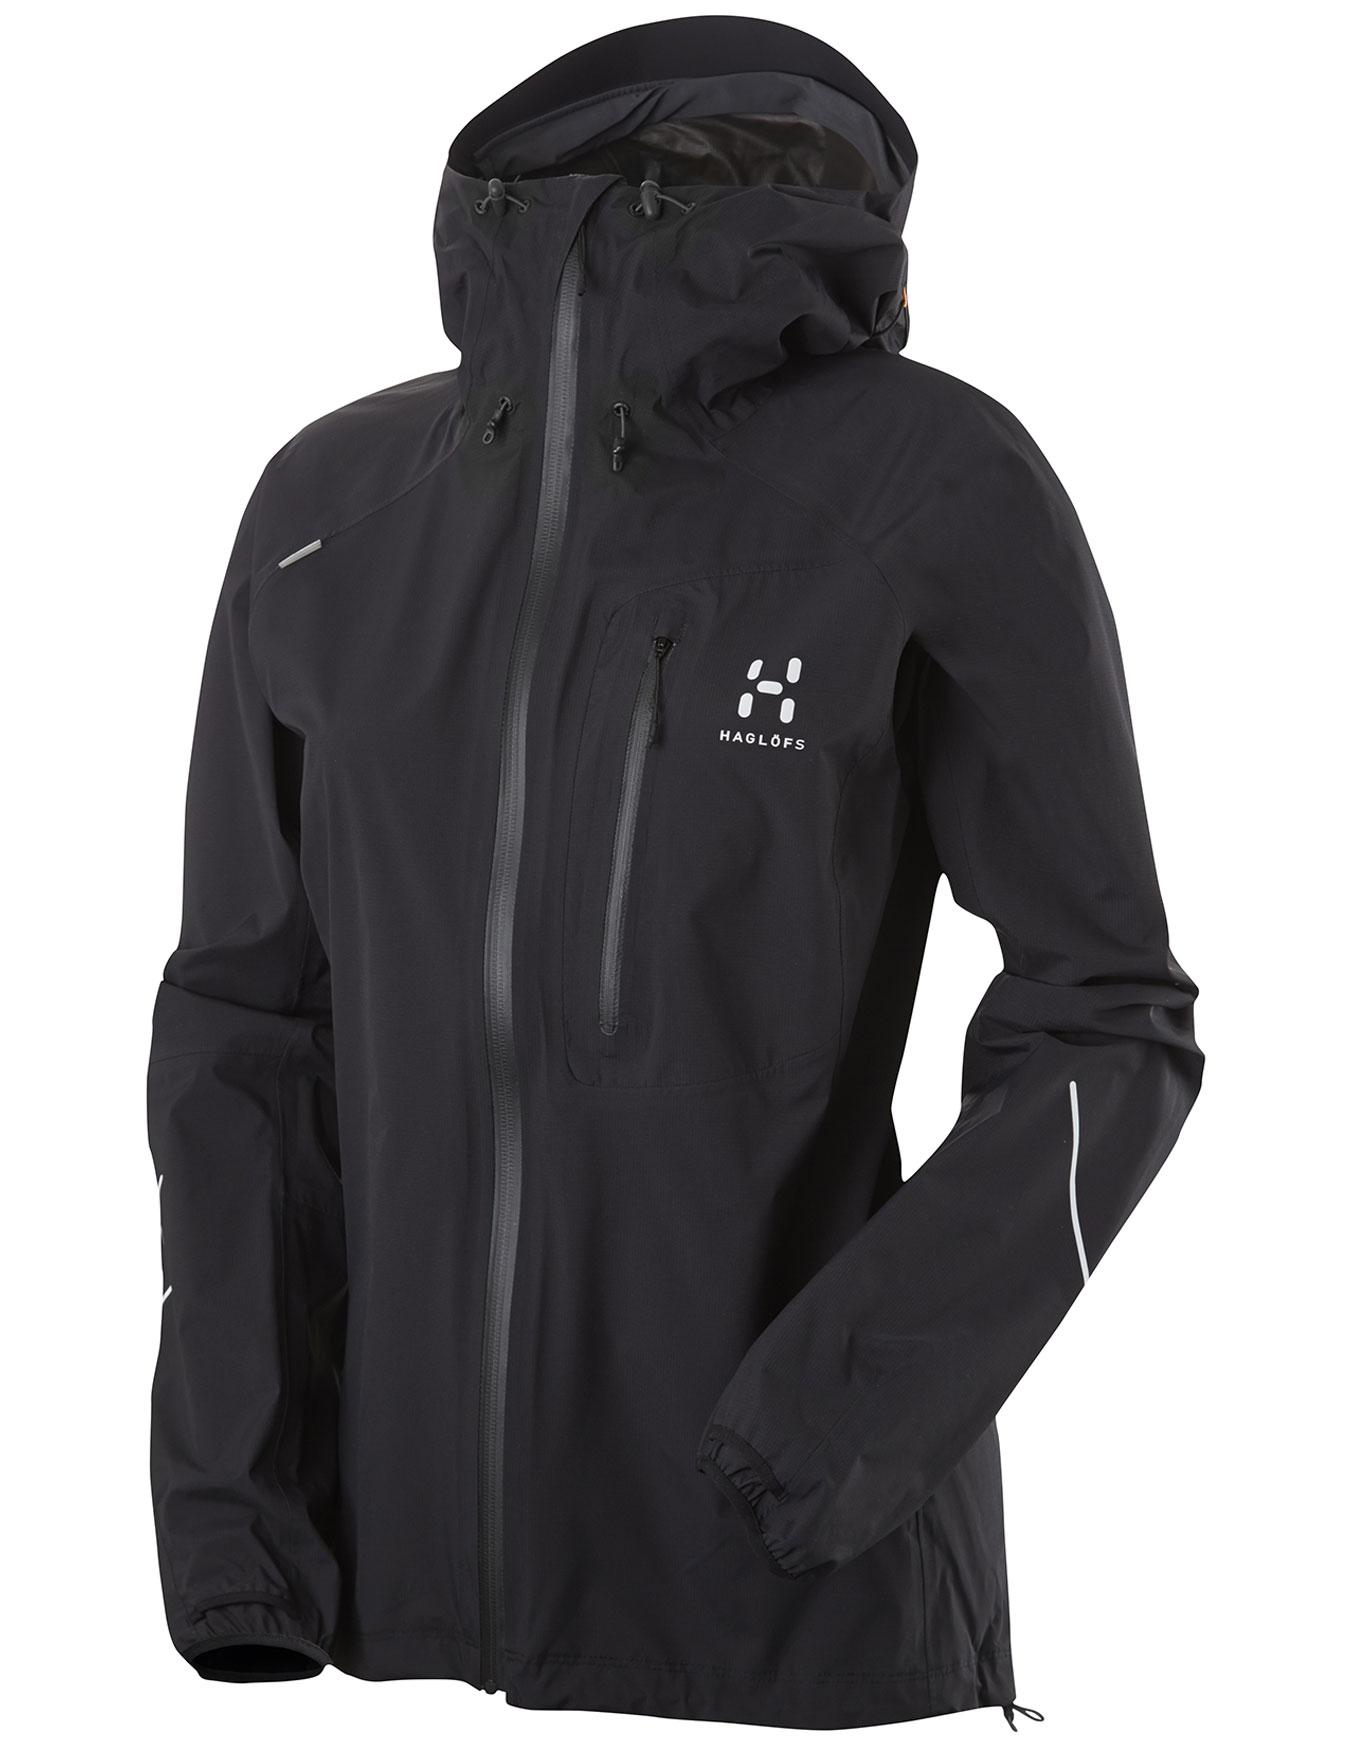 Haglofs   veste Haglofs, doudoune, pantalon et chaussures Haglofs -  Snowleader 76476f094fc